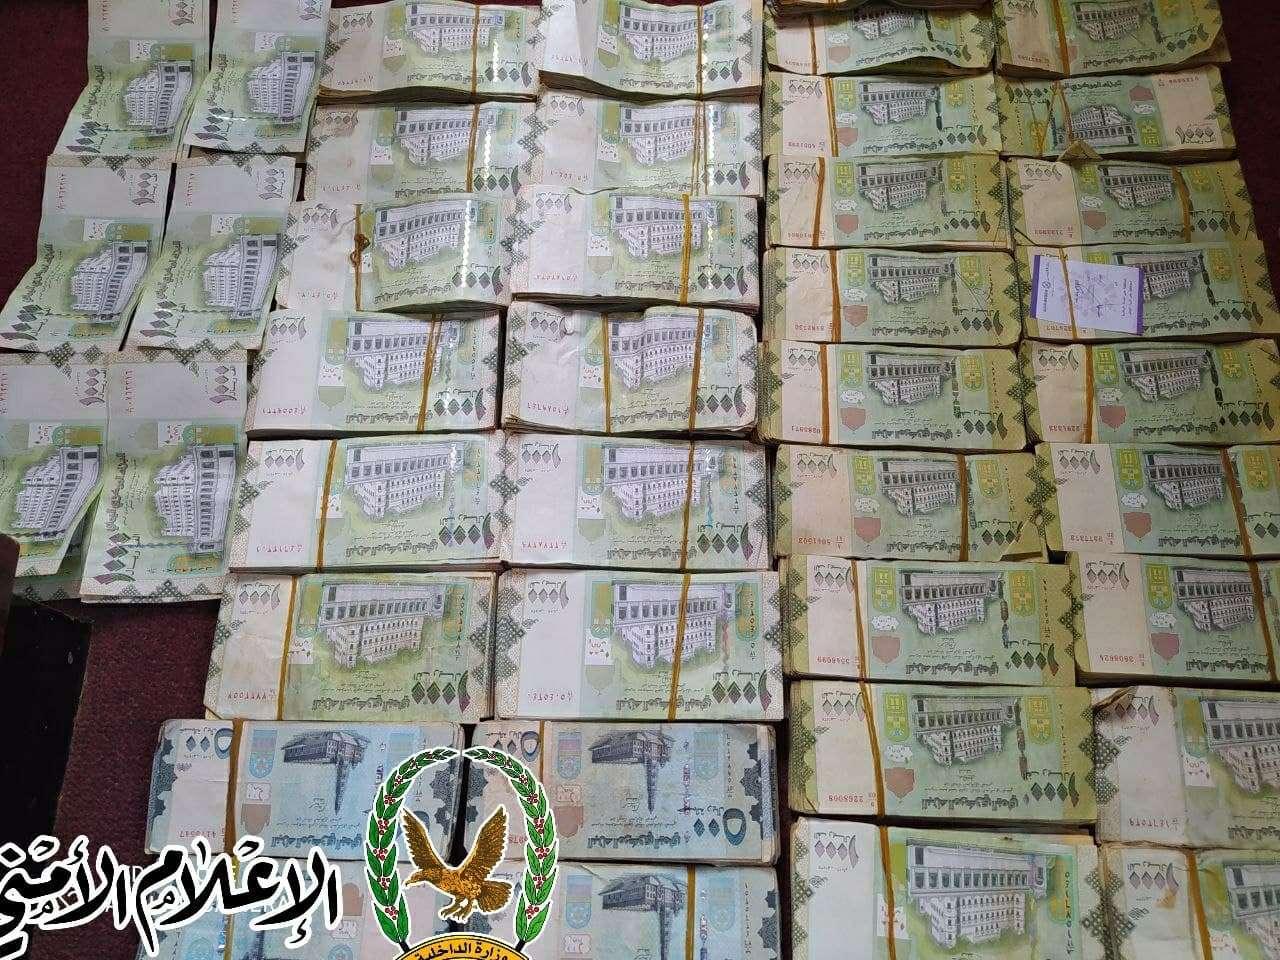 تعز : مصادرة مبالغ كبيرة وجديدة من العملة اليمنية قديم طبعة جديدة .. تعرف على التفاصيل